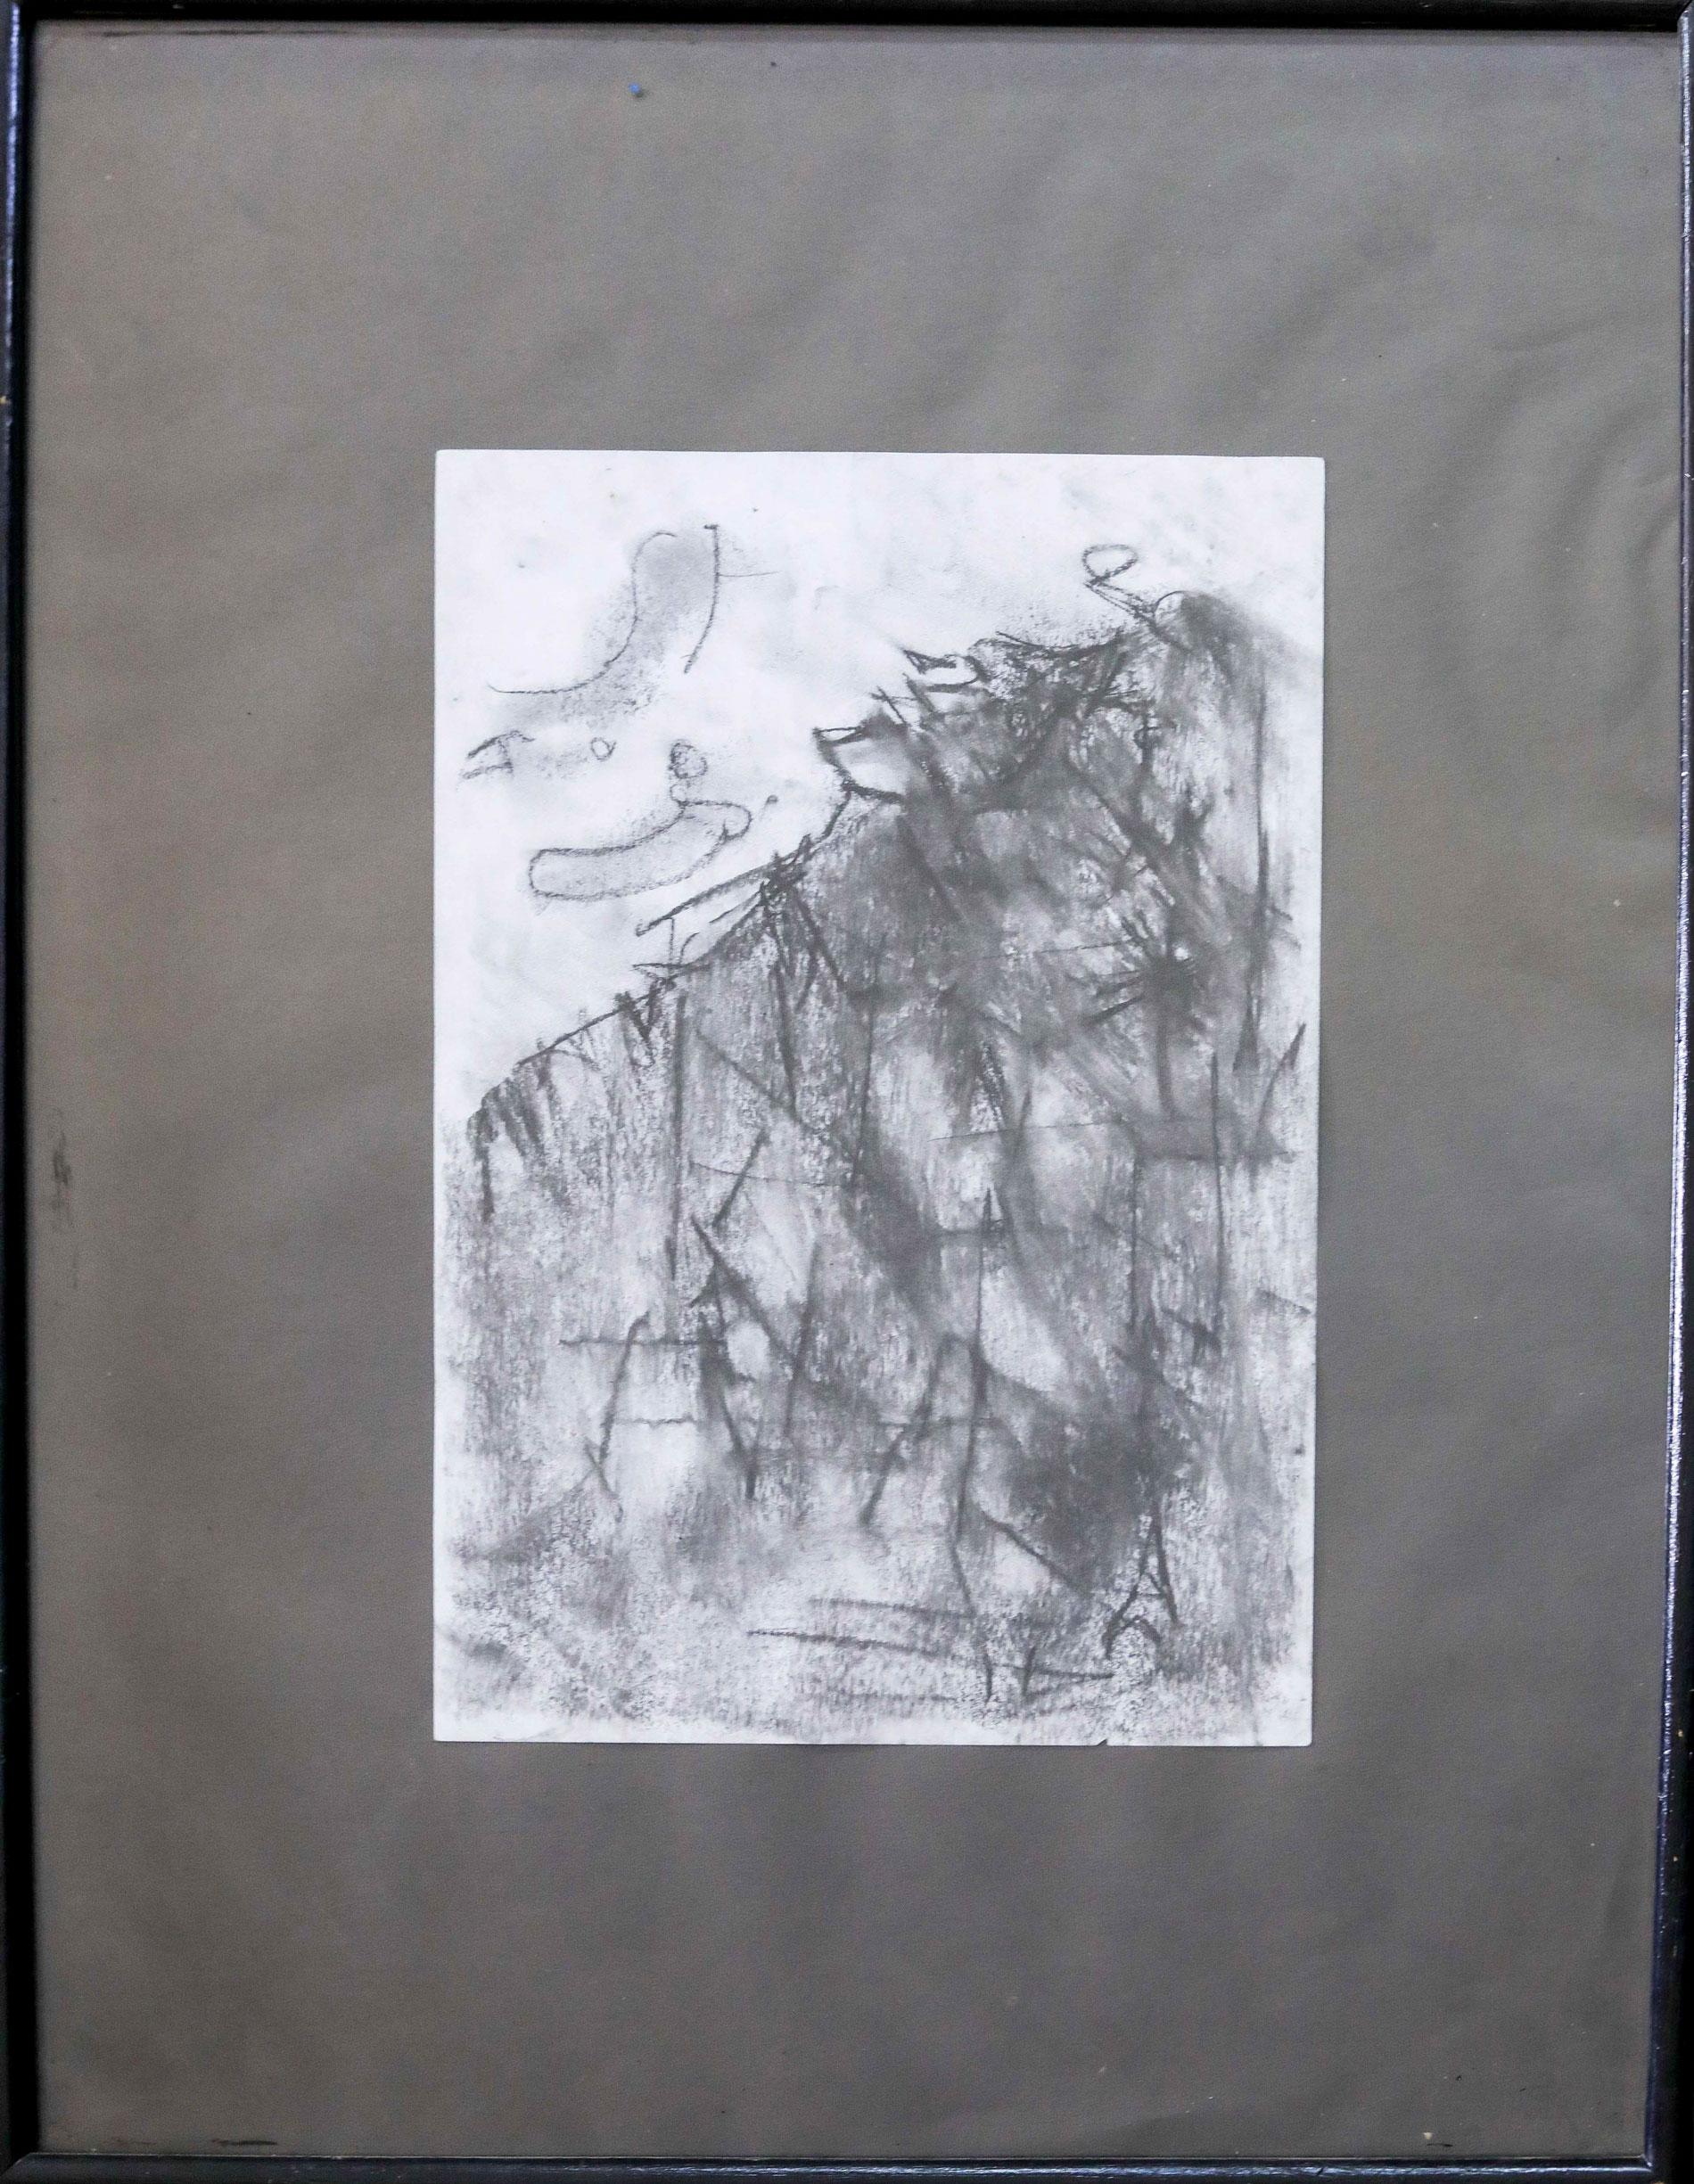 Alliance-Arts-Collaction-6921-140-Merid-Tafesse